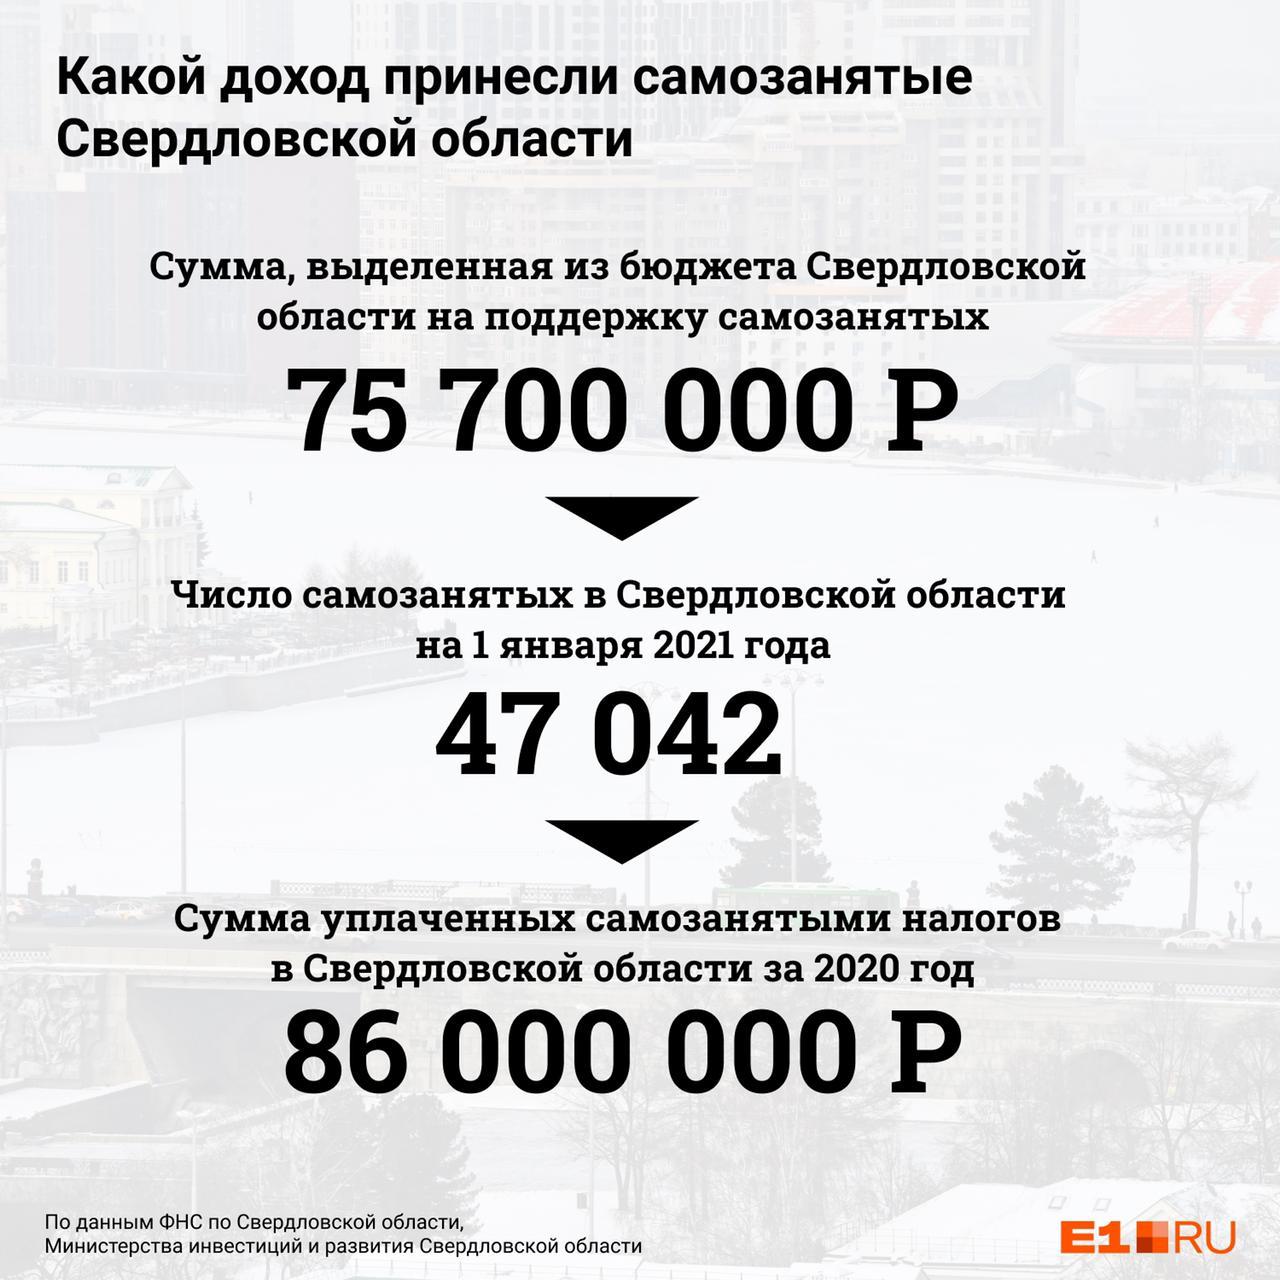 """За 2020 год самозанятые перечислили в бюджет региона <nobr class=""""_""""/>86 миллионов рублей налогов»/><figcaption>За 2020 год самозанятые перечислили в бюджет региона86 миллионоврублей налоговФото:Филипп Сапегин / E1.RUПОДЕЛИТЬСЯ</figcaption></figure> <p>Разработчик Константин Бащенко отмечает, что пока главная мотивация легализовать бизнес — штрафы, и пугают они не всех.</p> <p>— Стимул подключиться, к сожалению, есть только негативный. В новостях мы слышим, что все те, кто получает заработок в тени, будут оштрафованы, если это докажут. Но такая мотивация в России не работает. Для меня импульсом был фактор, что зарегистрировавшимся давали налоговый вычет —10 тысячрублей. А еще я помню рекламу «заплати налоги и спи спокойно», поэтому плачу и спокойно сплю.</p> <figure class="""